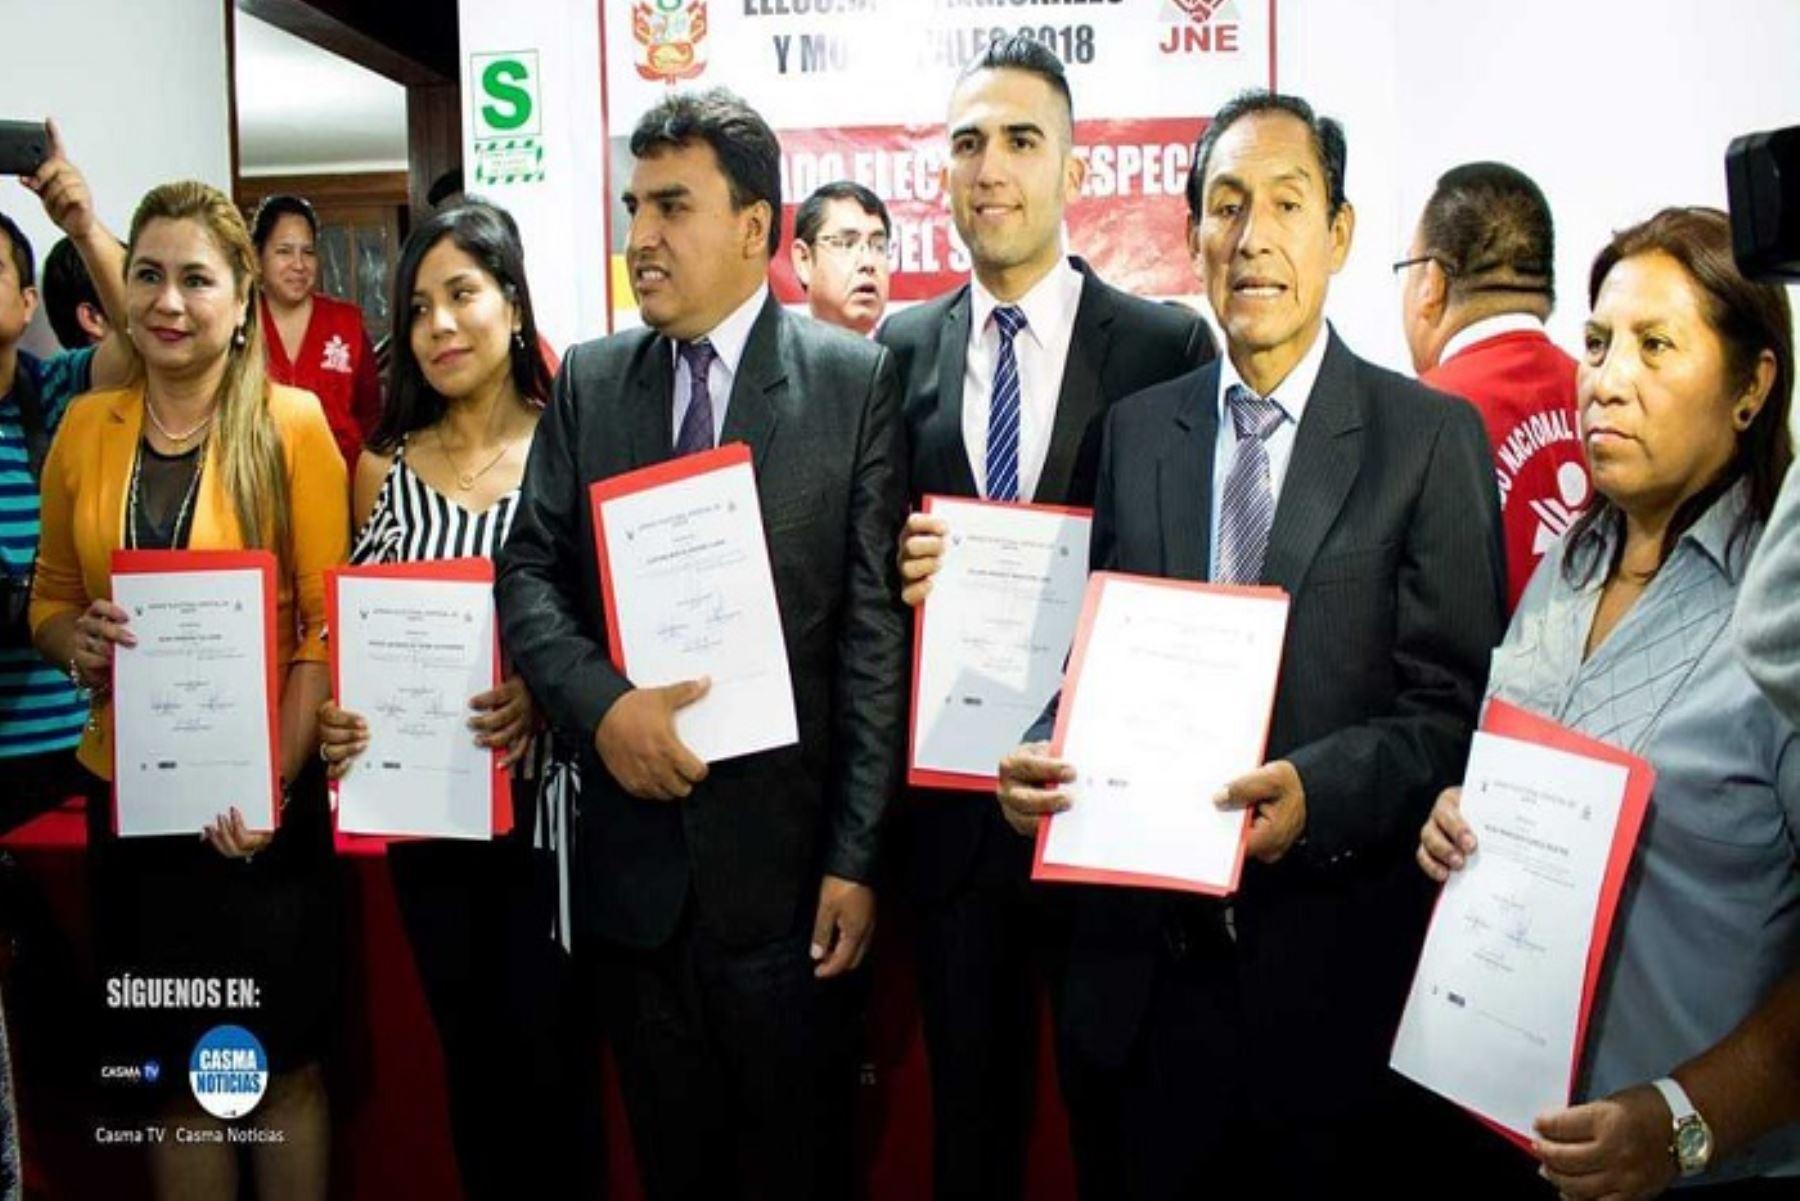 El Jurado Electoral Especial (JEE) del Santa entregó hoy credenciales a nuevas autoridades municipales de 4 provincias y 29 distritos de la región Áncash.